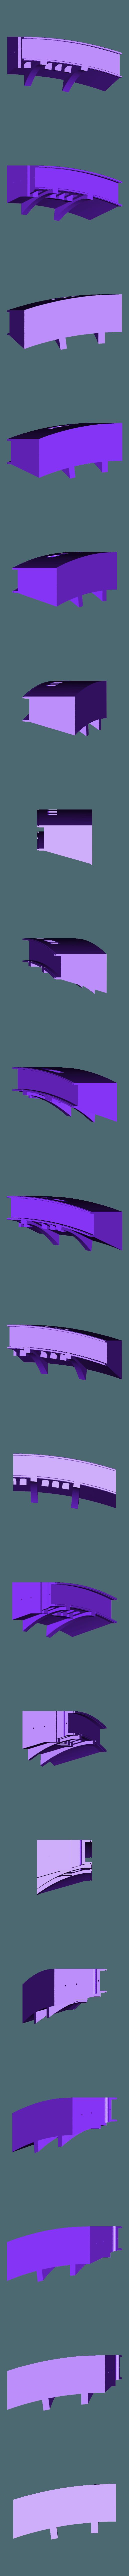 dam_right.stl Télécharger fichier STL gratuit Mur de barrage simple - échelle HO (1:87) • Modèle à imprimer en 3D, nenchev